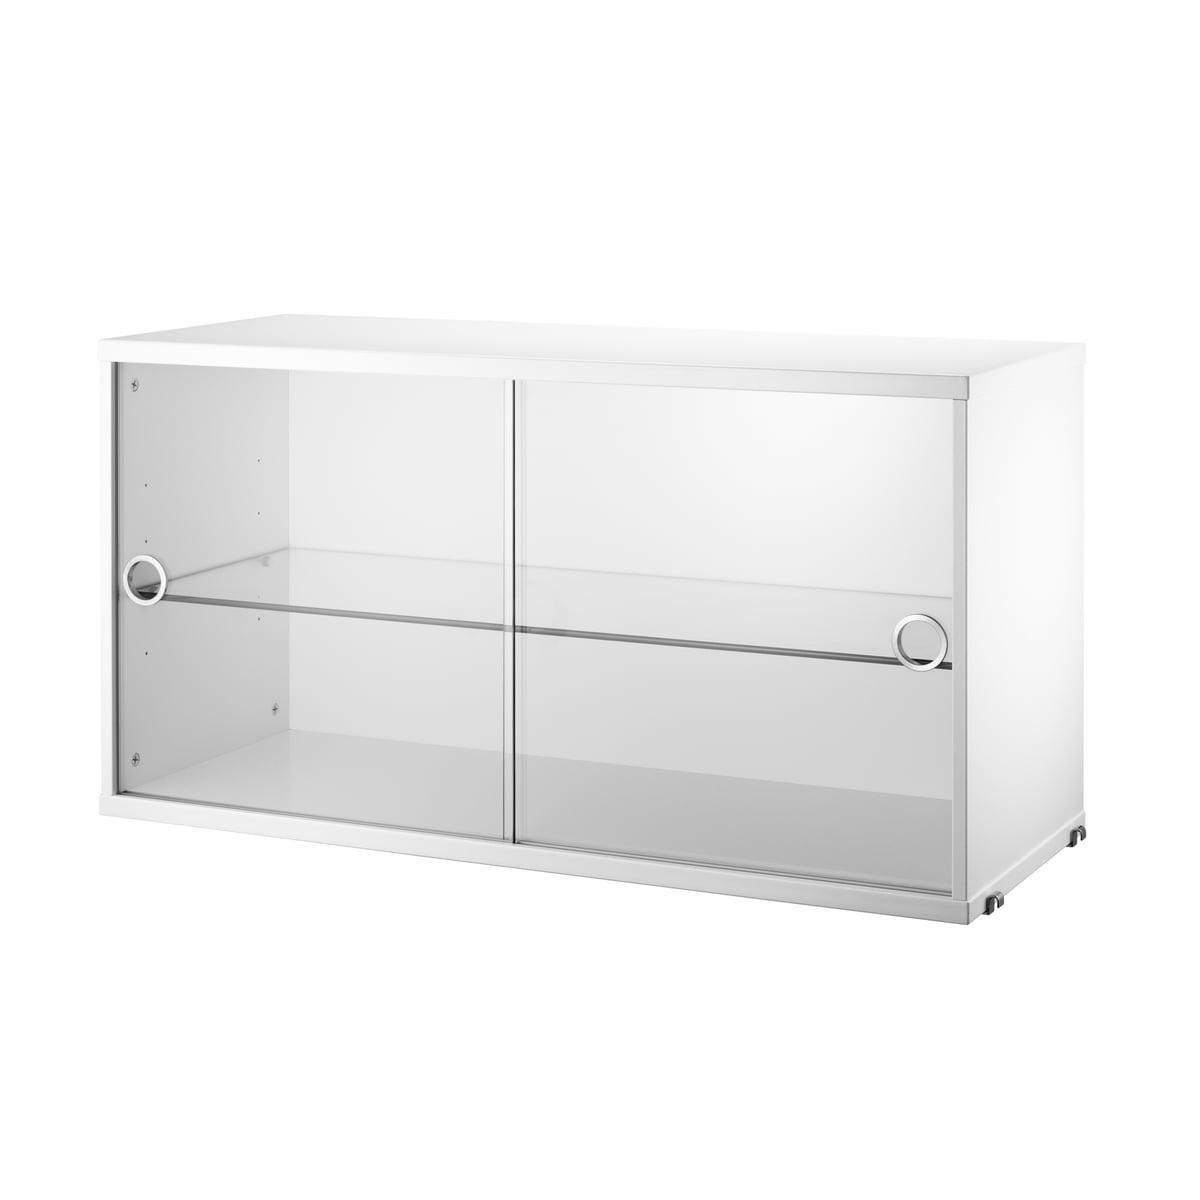 vitrinen modul von string. Black Bedroom Furniture Sets. Home Design Ideas